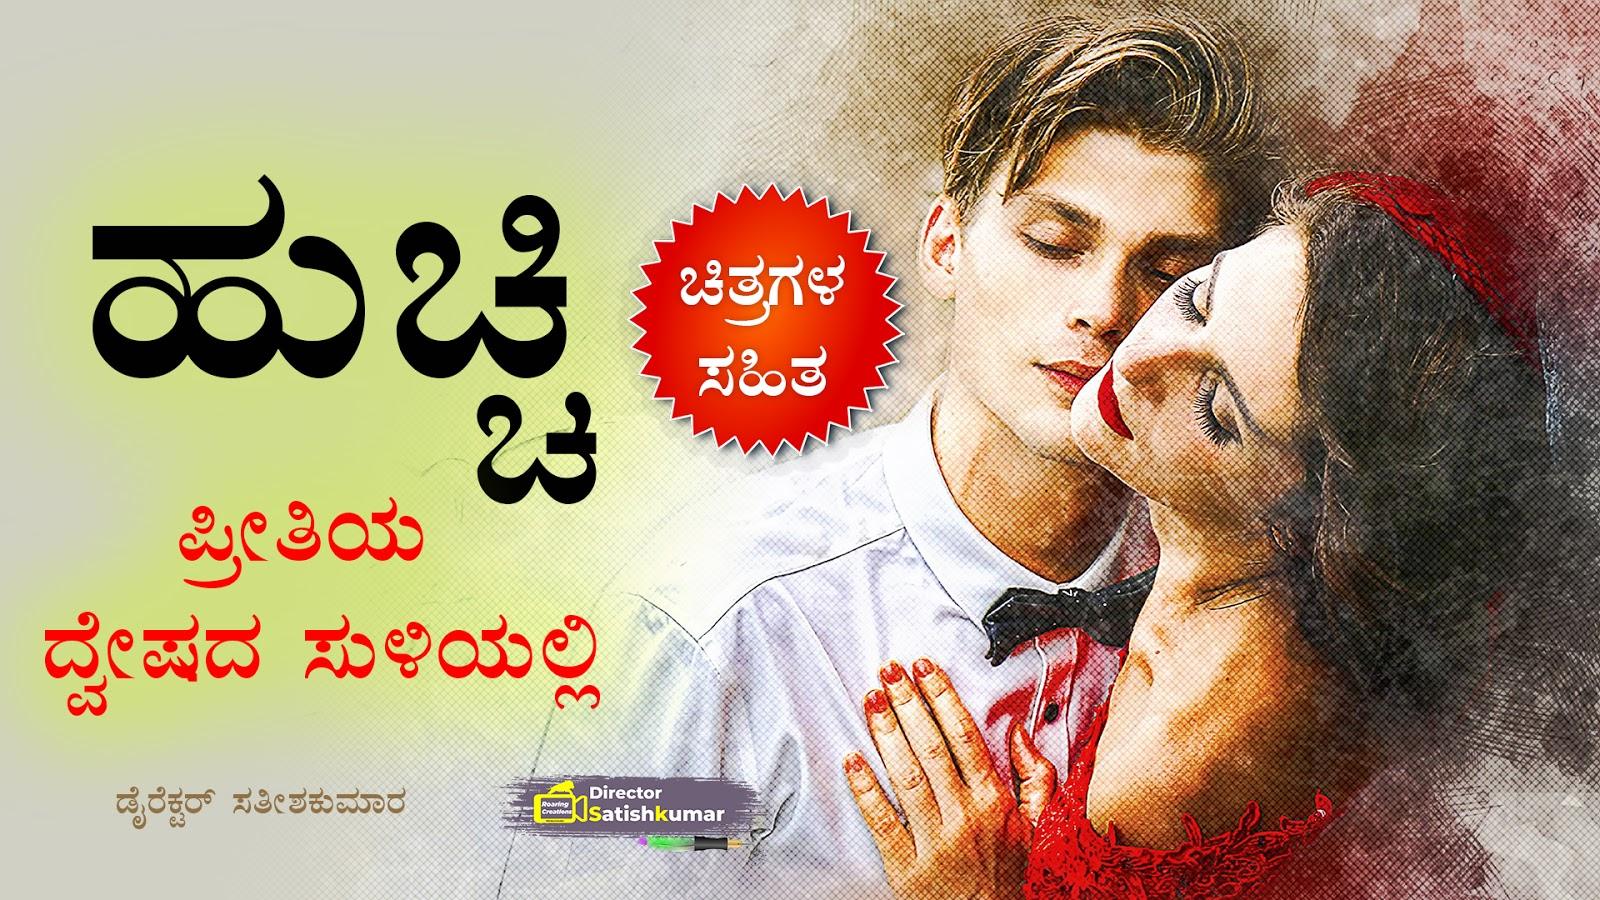 ಹುಚ್ಚಿ : ಪ್ರೀತಿಯ ದ್ವೇಷದ ಸುಳಿಯಲ್ಲಿ - Kannada Love Story - ಕನ್ನಡ ಕಥೆ ಪುಸ್ತಕಗಳು - Kannada Story Books -  E Books Kannada - Kannada Books